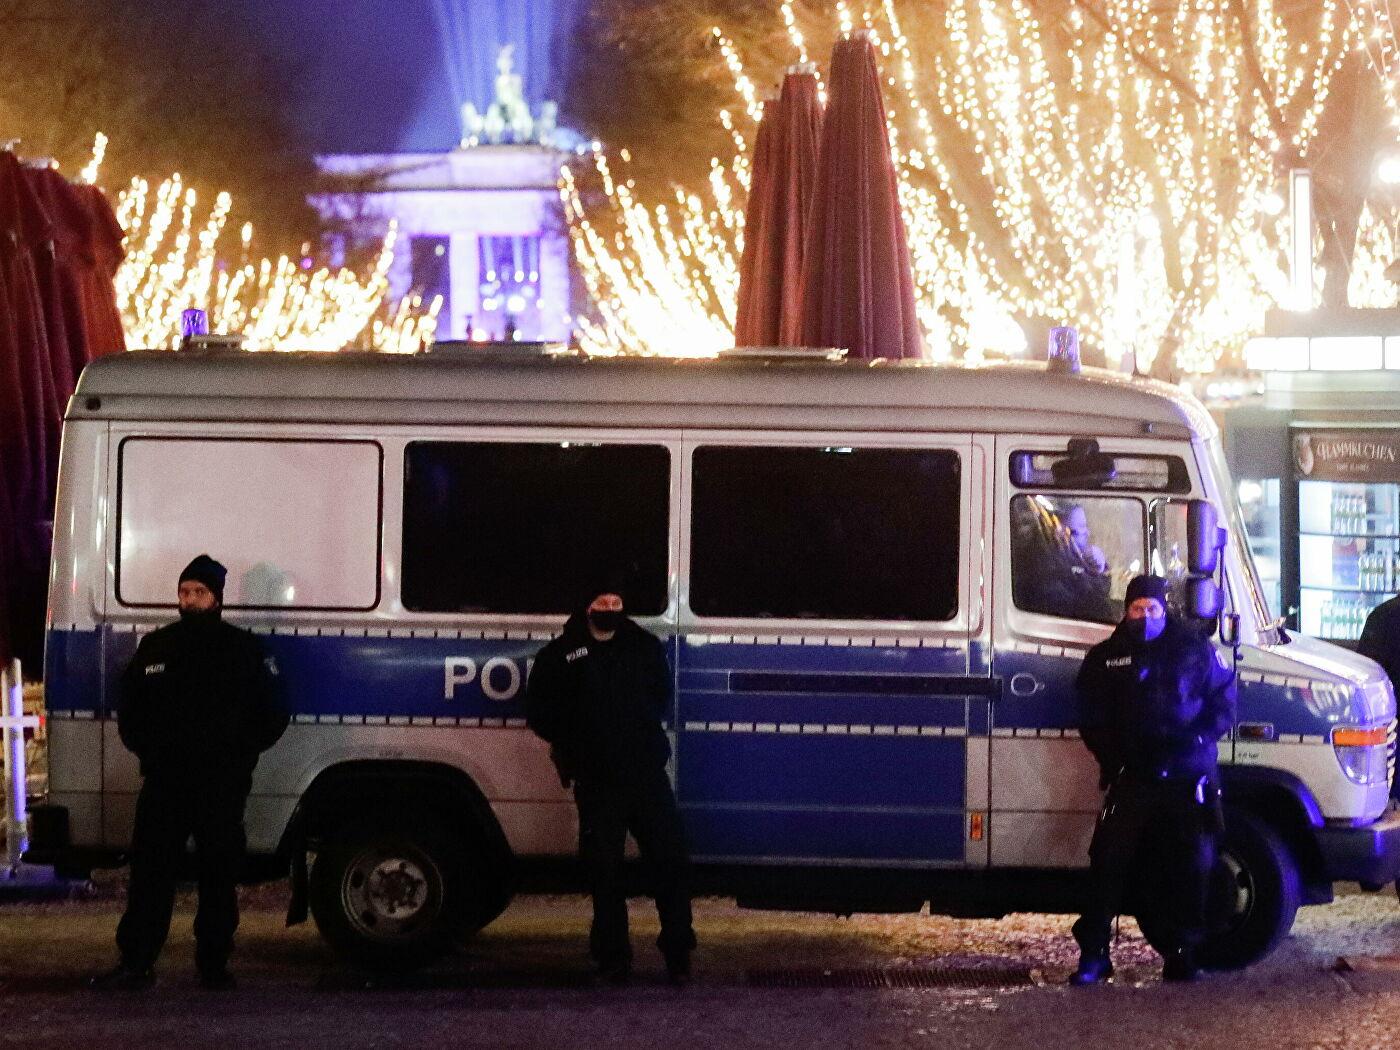 المانيا تستقبل العام الجديد بـ 18 حريق